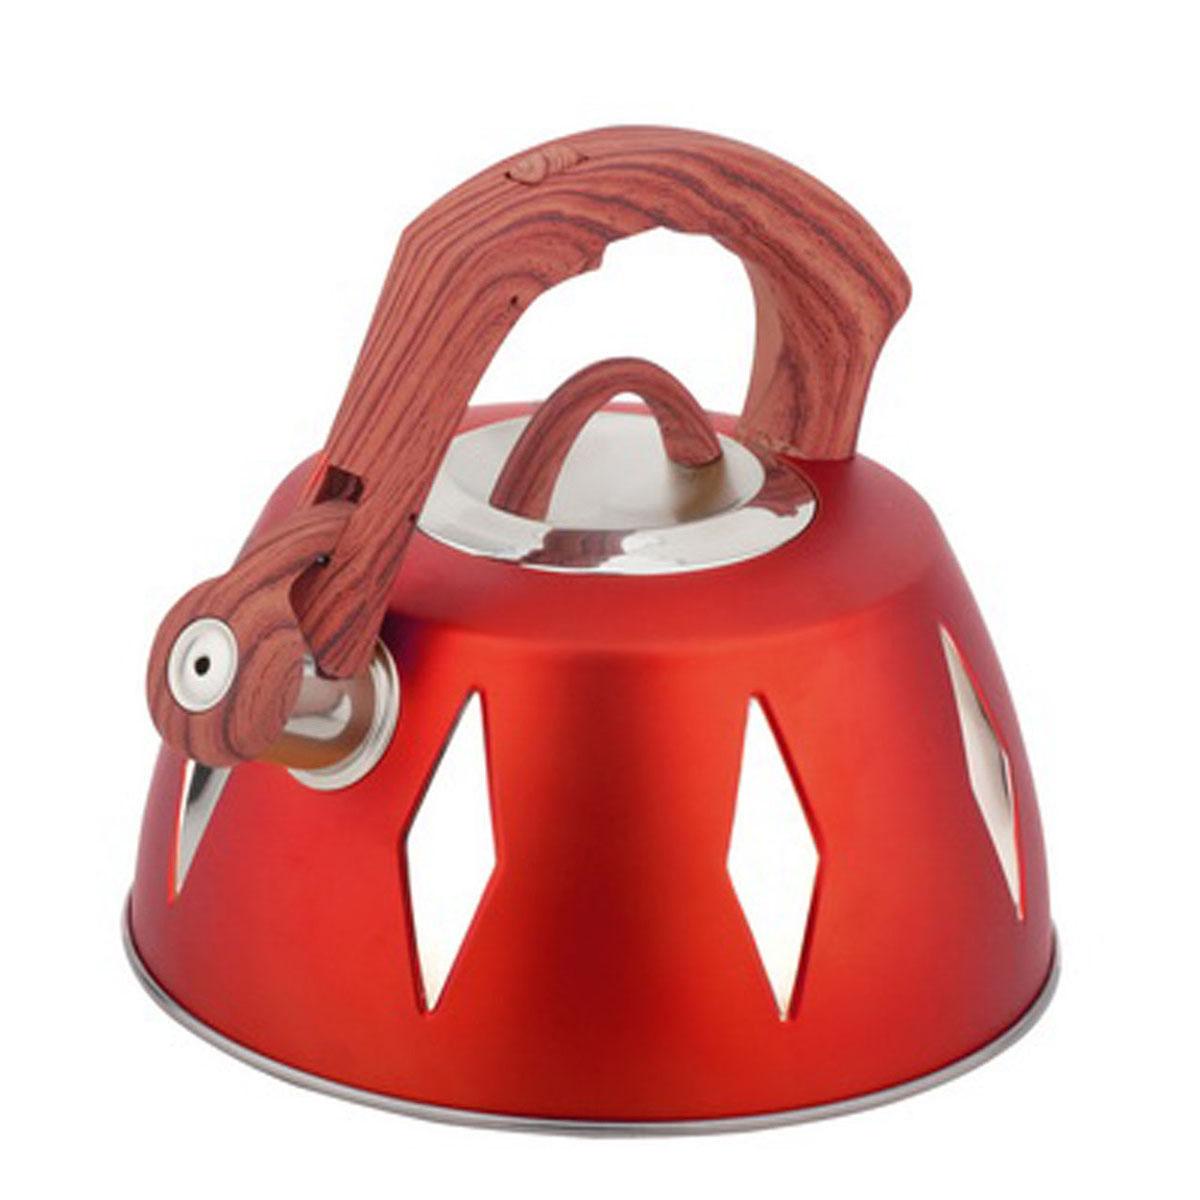 Чайник Bohmann со свистком, 3,5 л, цвет: красный9968BHNEW_красныйЧайник Bohmann изготовлен из высококачественной нержавеющей стали с цветным матовым покрытием. Нержавеющая сталь - материал, из которого в течение нескольких десятилетий во всем мире производятся столовые приборы, кухонные инструменты и различные аксессуары. Этот материал обладает высокой стойкостью к коррозии и кислотам. Прочность, долговечность и надежность этого материала, а также первоклассная обработка обеспечивают практически неограниченный запас прочности и неизменно привлекательный внешний вид. Капсульное дно позволяет изделию быстро нагреваться и дольше сохранять тепло. Чайник оснащен фиксированной прорезиненной цветной ручкой, что предотвращает появление ожогов и обеспечивает безопасность использования. Носик чайника имеет откидной свисток, который подскажет, когда вода закипела. Можно использовать на газовых, электрических, галогенных, стеклокерамических, индукционных плитах. Можно мыть в посудомоечной машине. Высота чайника (без учета ручки и крышки): 11,2...